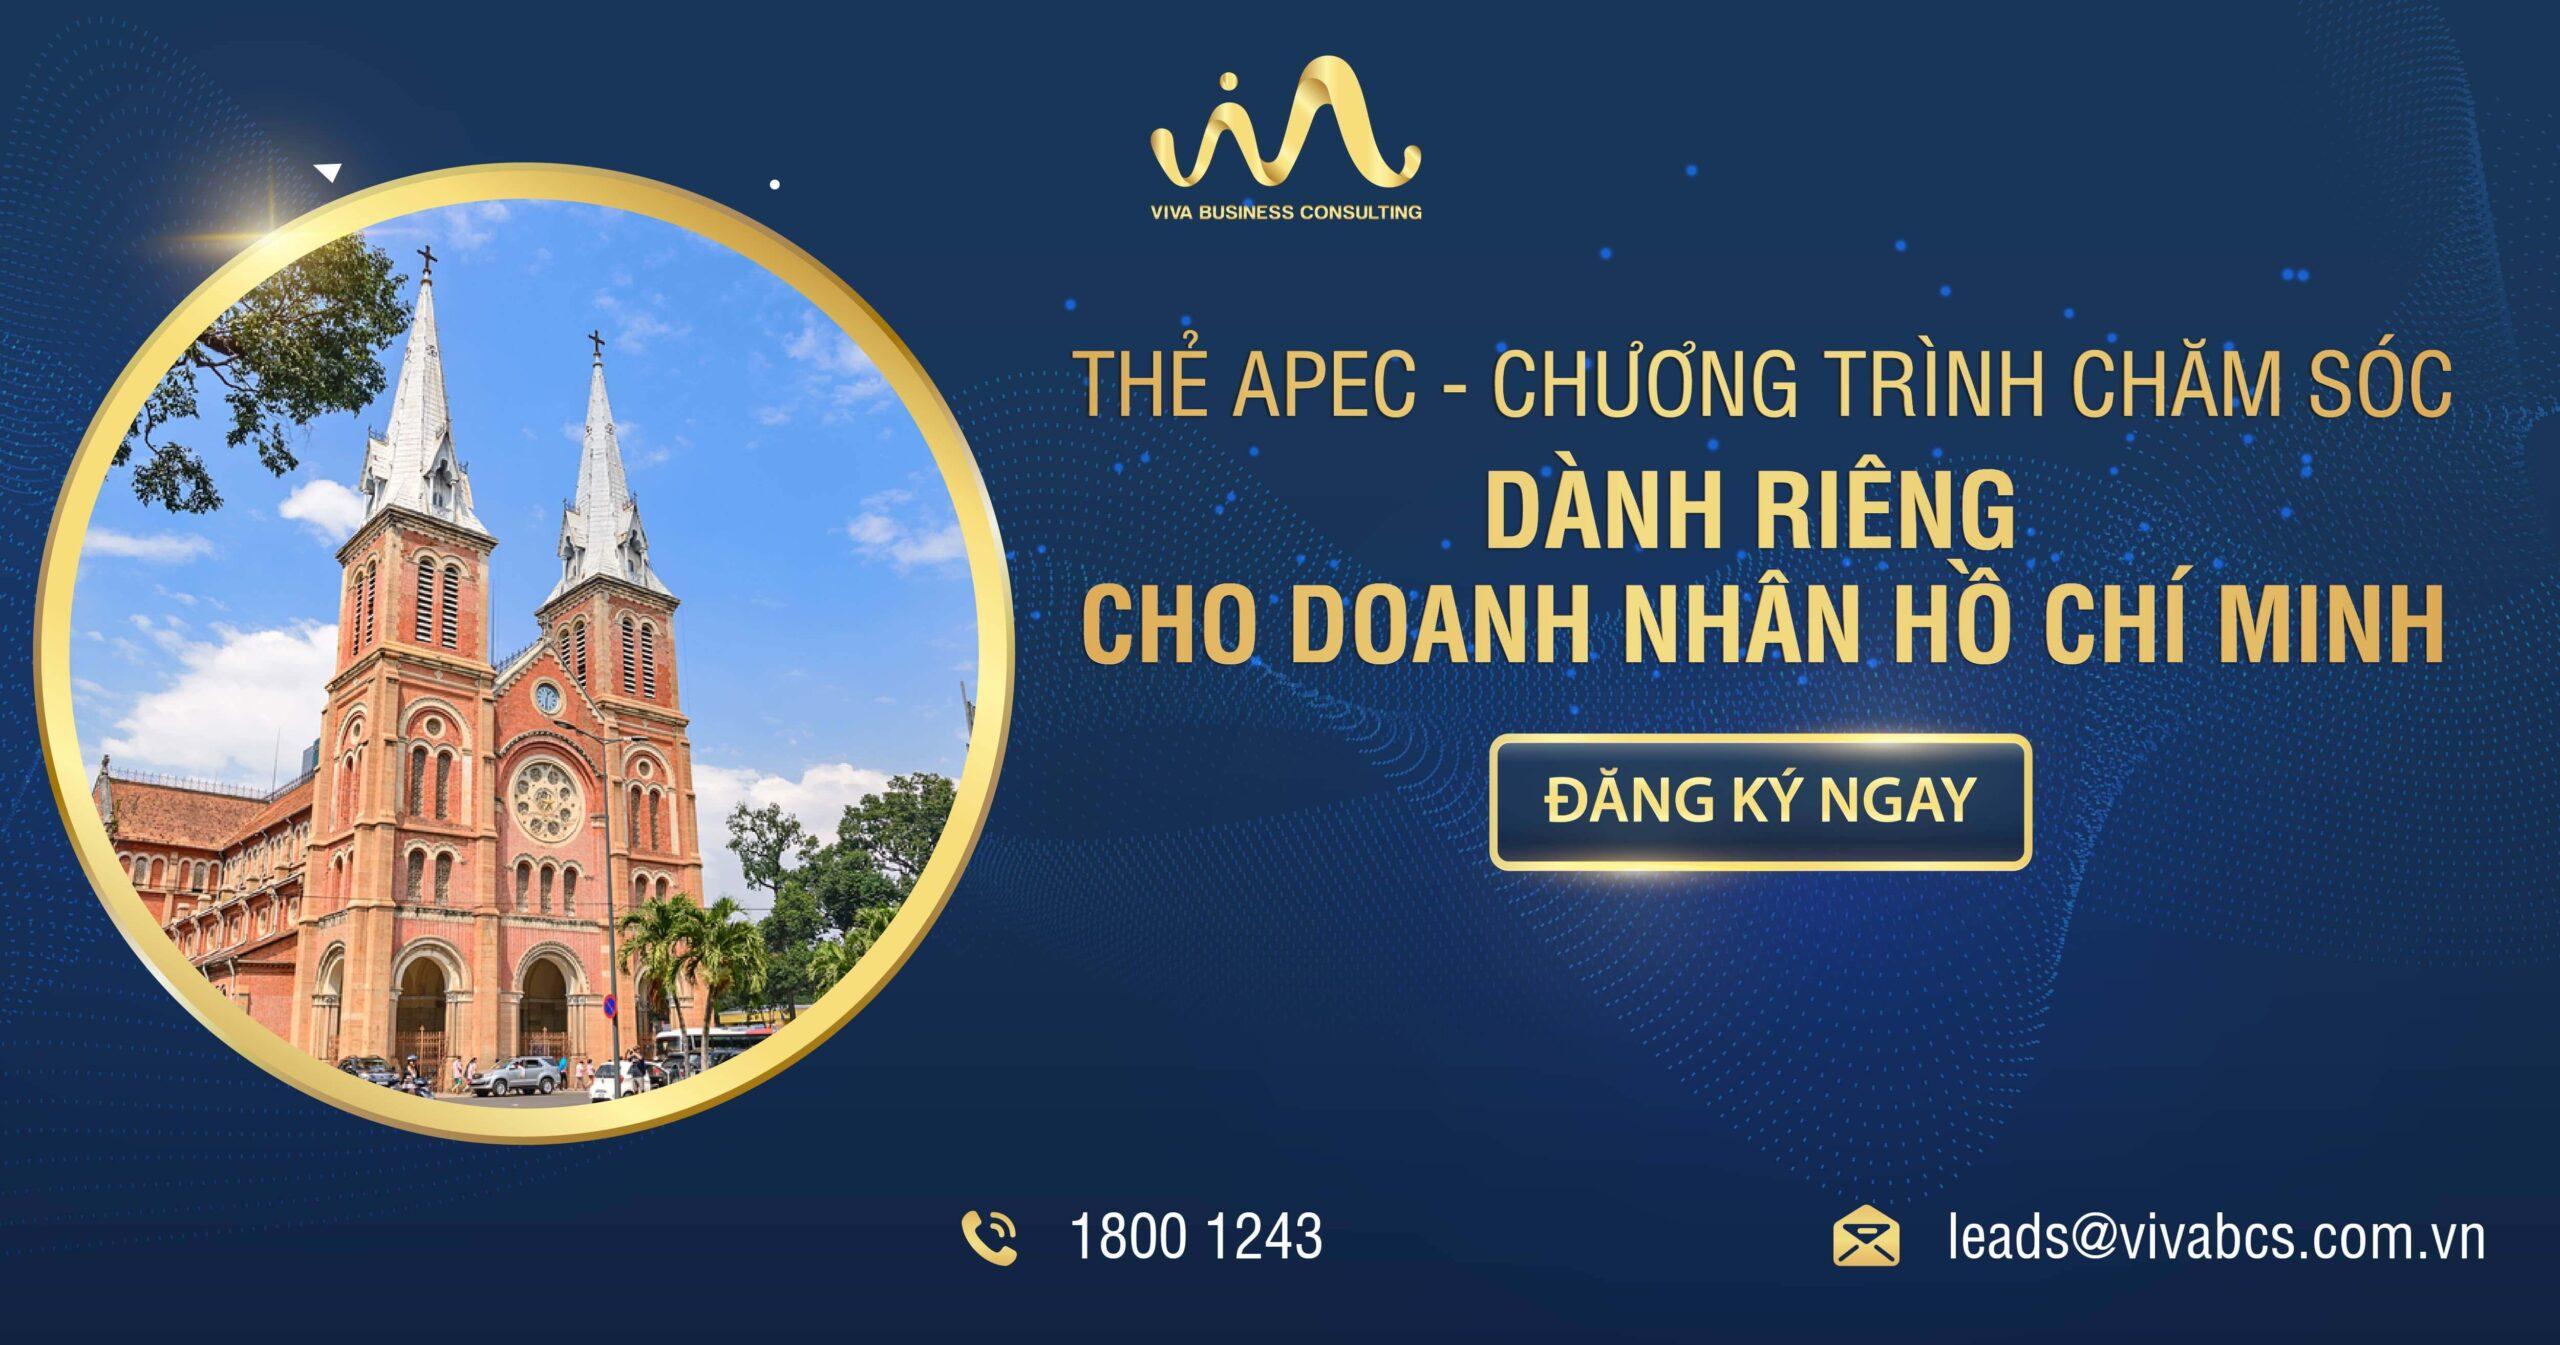 Thẻ APEC cùng doanh nhân Hồ Chí Minh